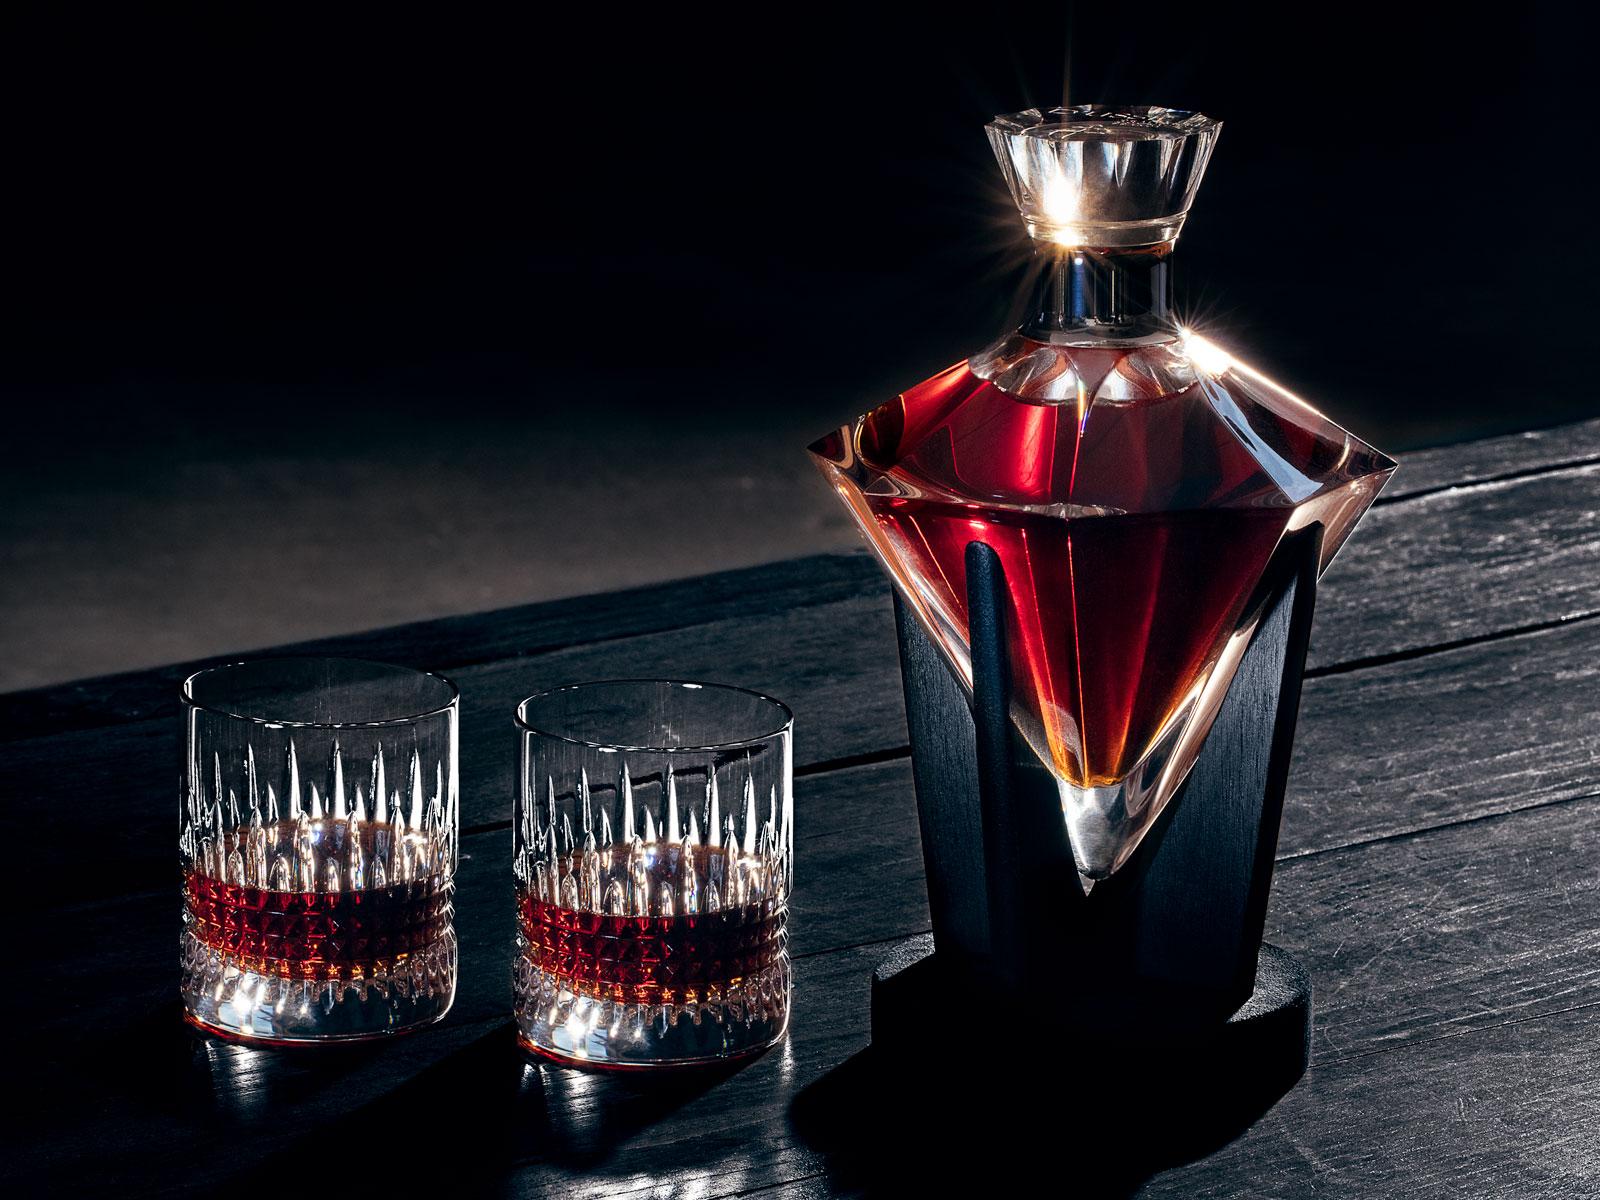 The single barrel D'Ussé 1969 Anniversaire Cognac